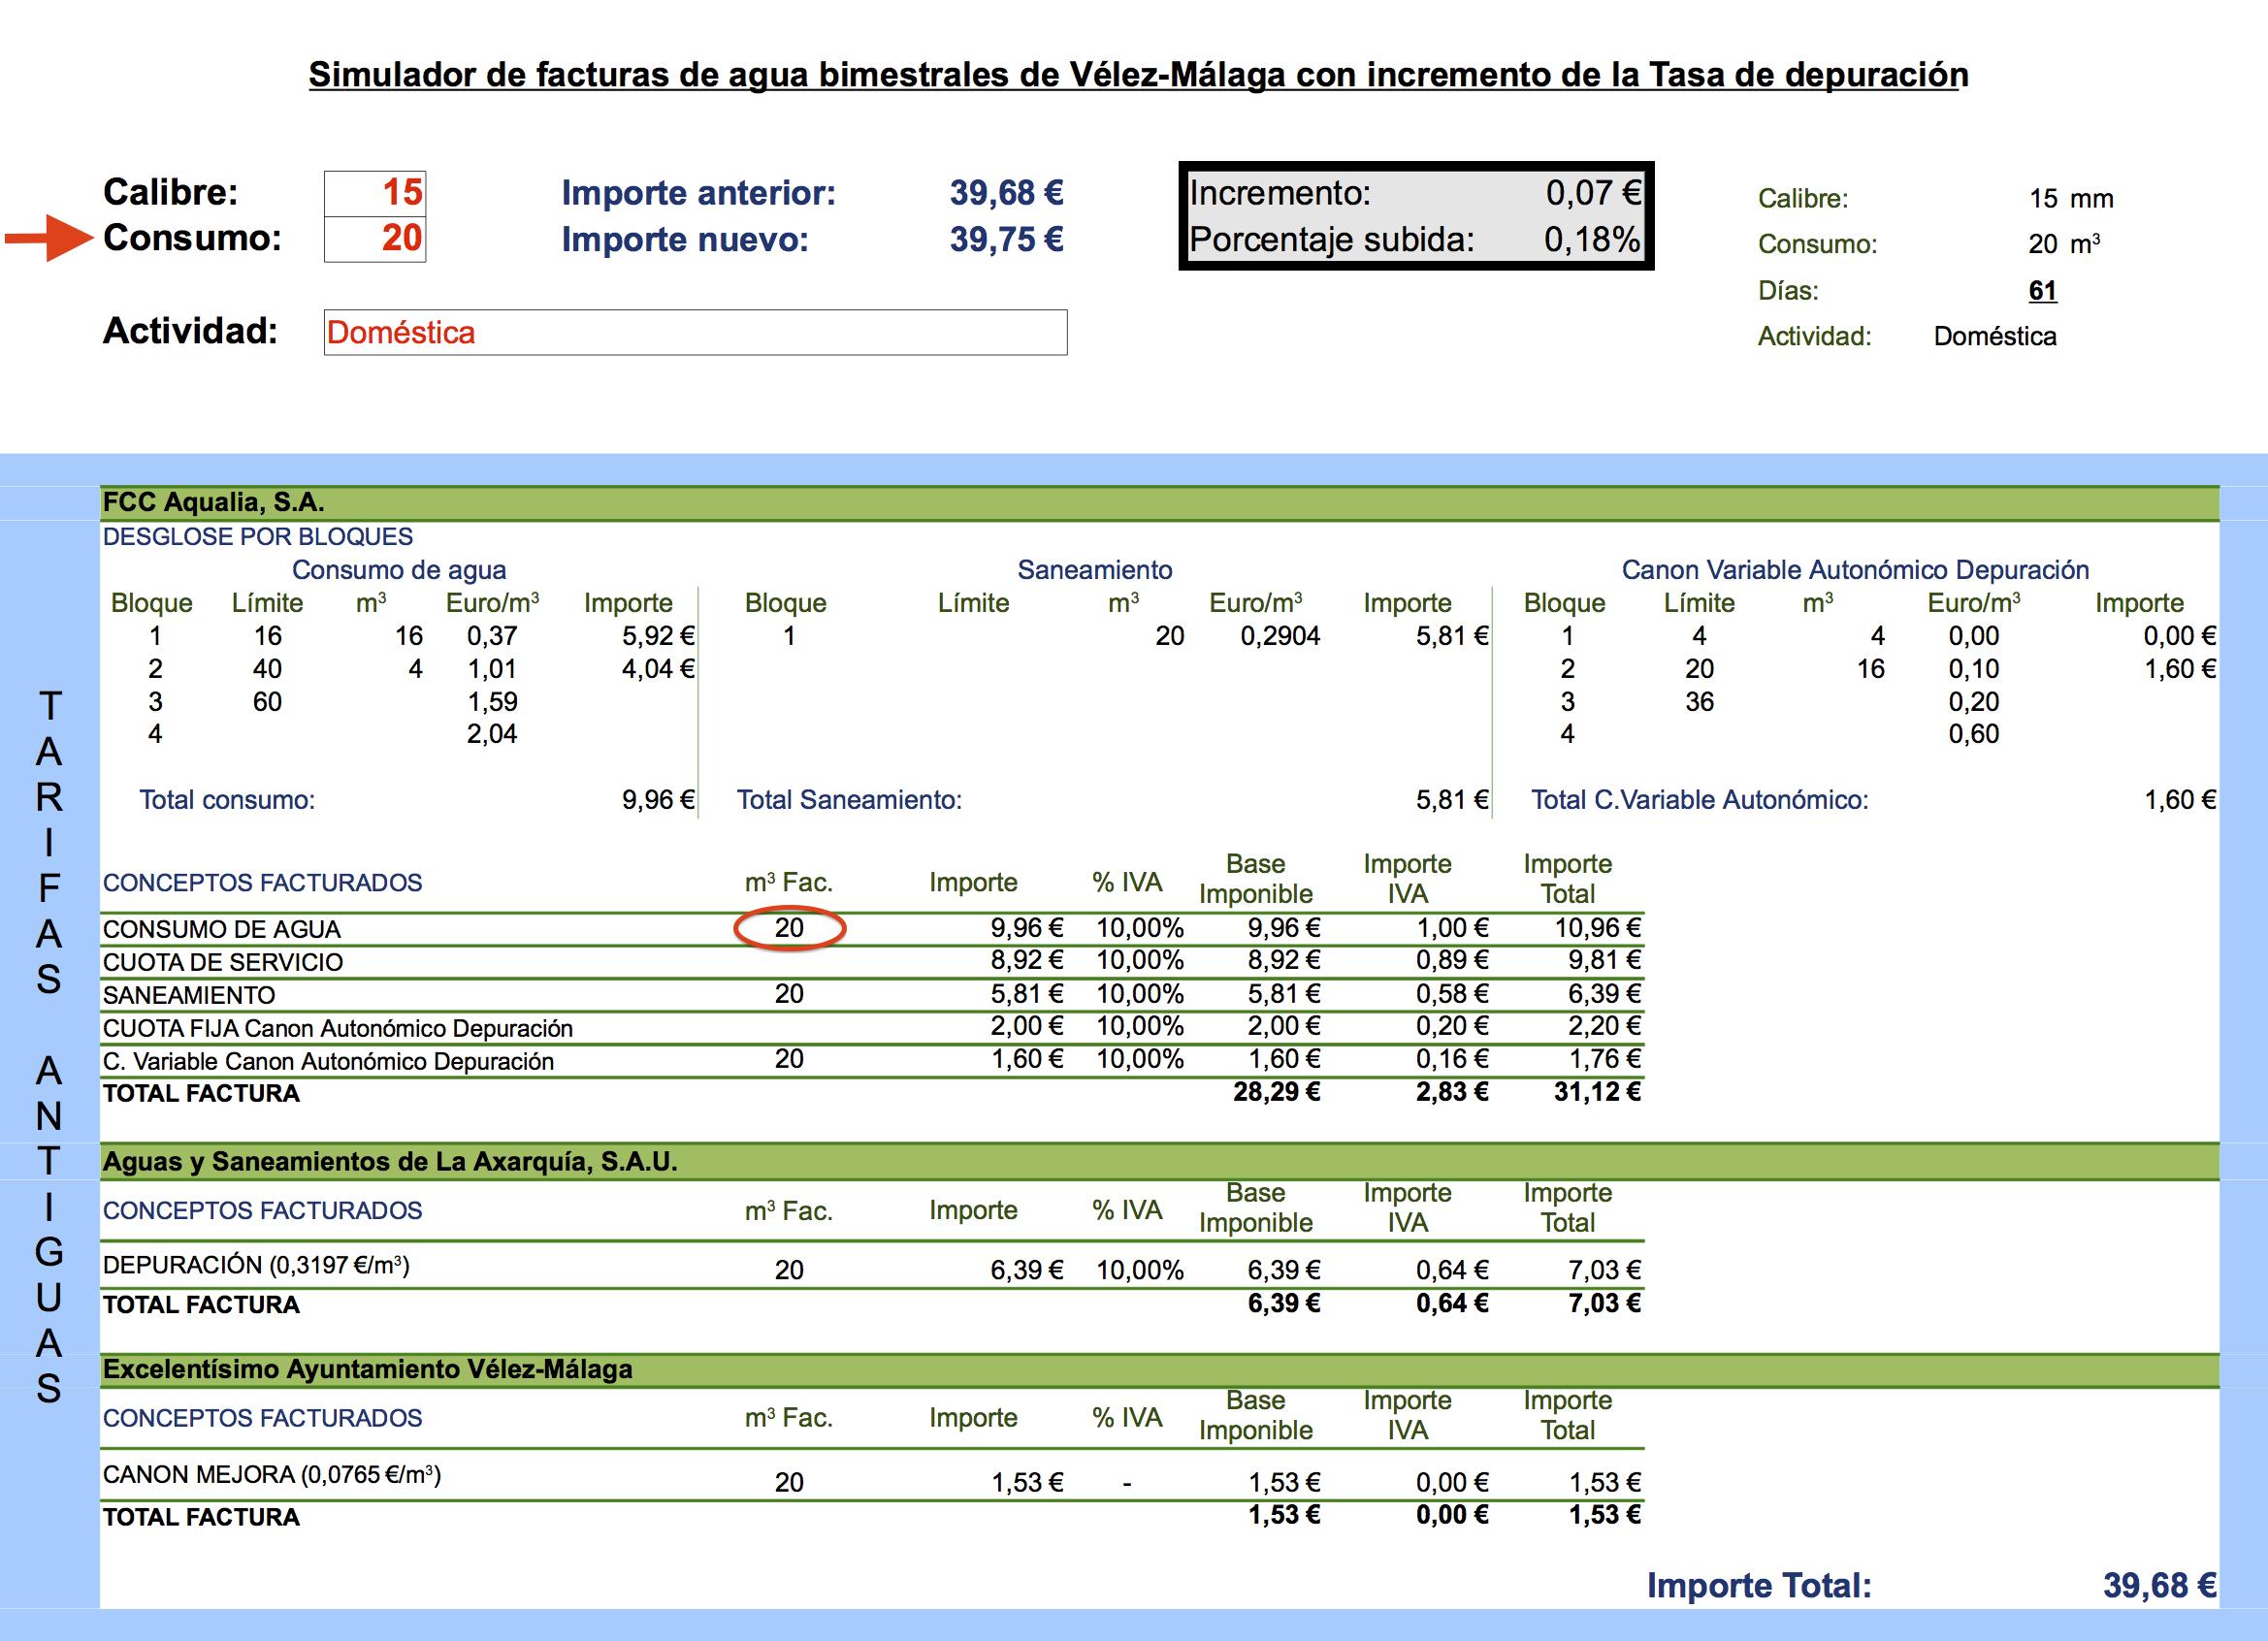 Simulacion_facturas_domesticas_Velez_20m3